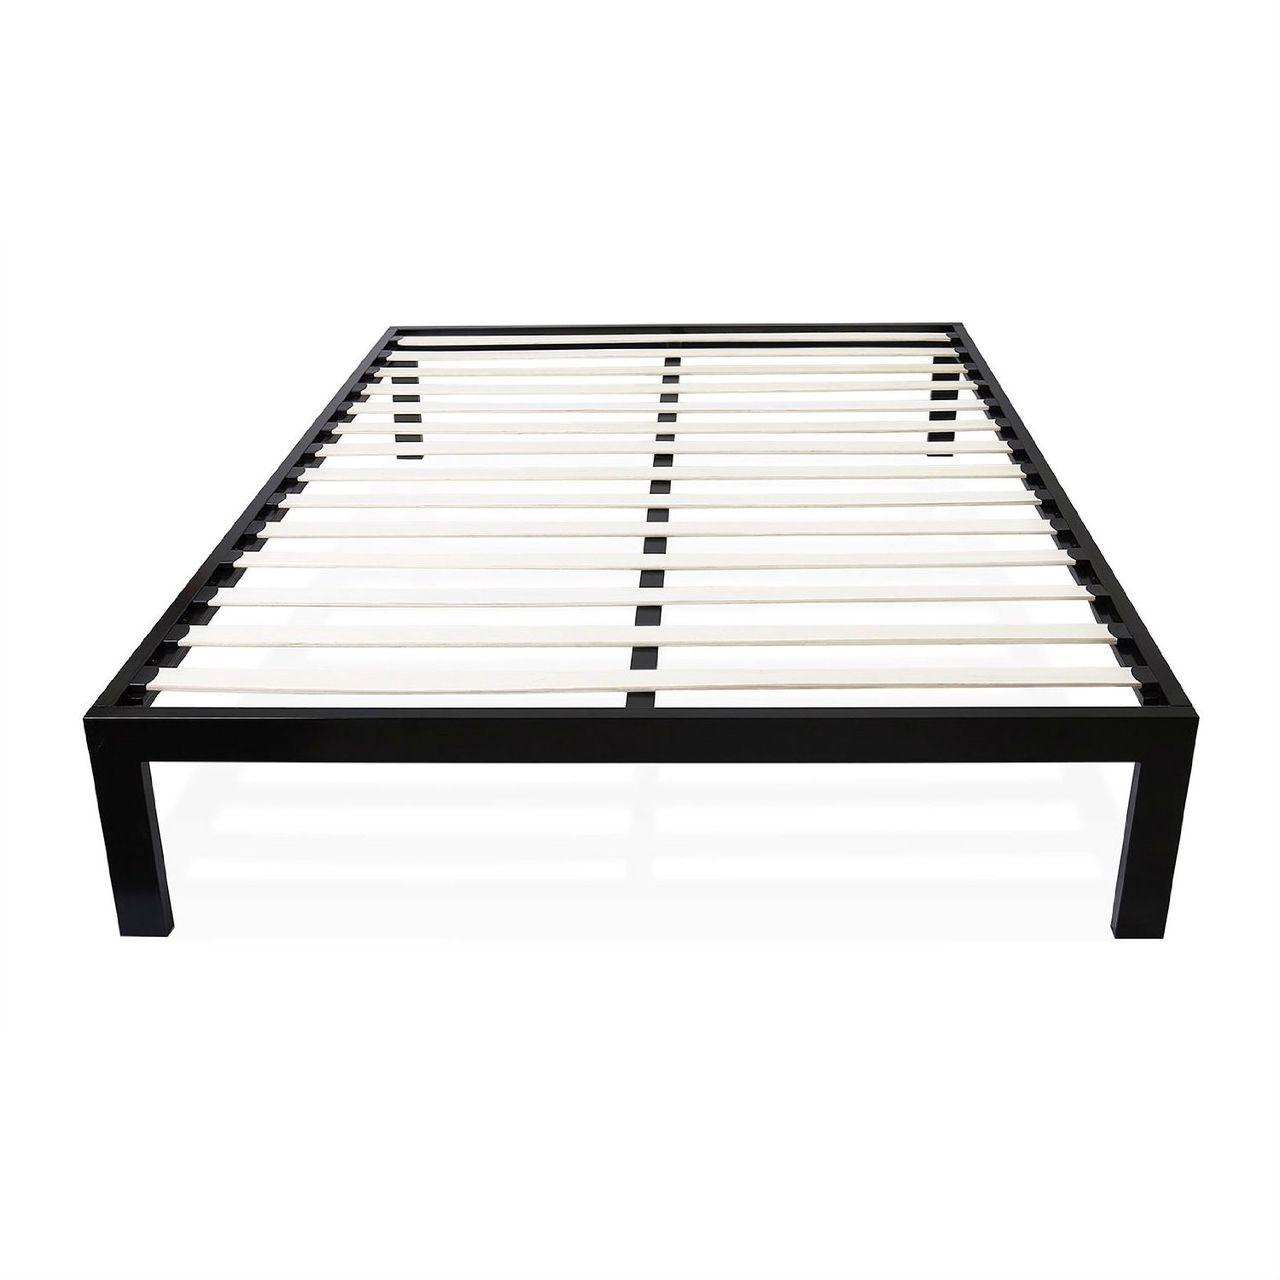 Twin Modern Black Metal Platform Bed Frame With Wood Slats Full